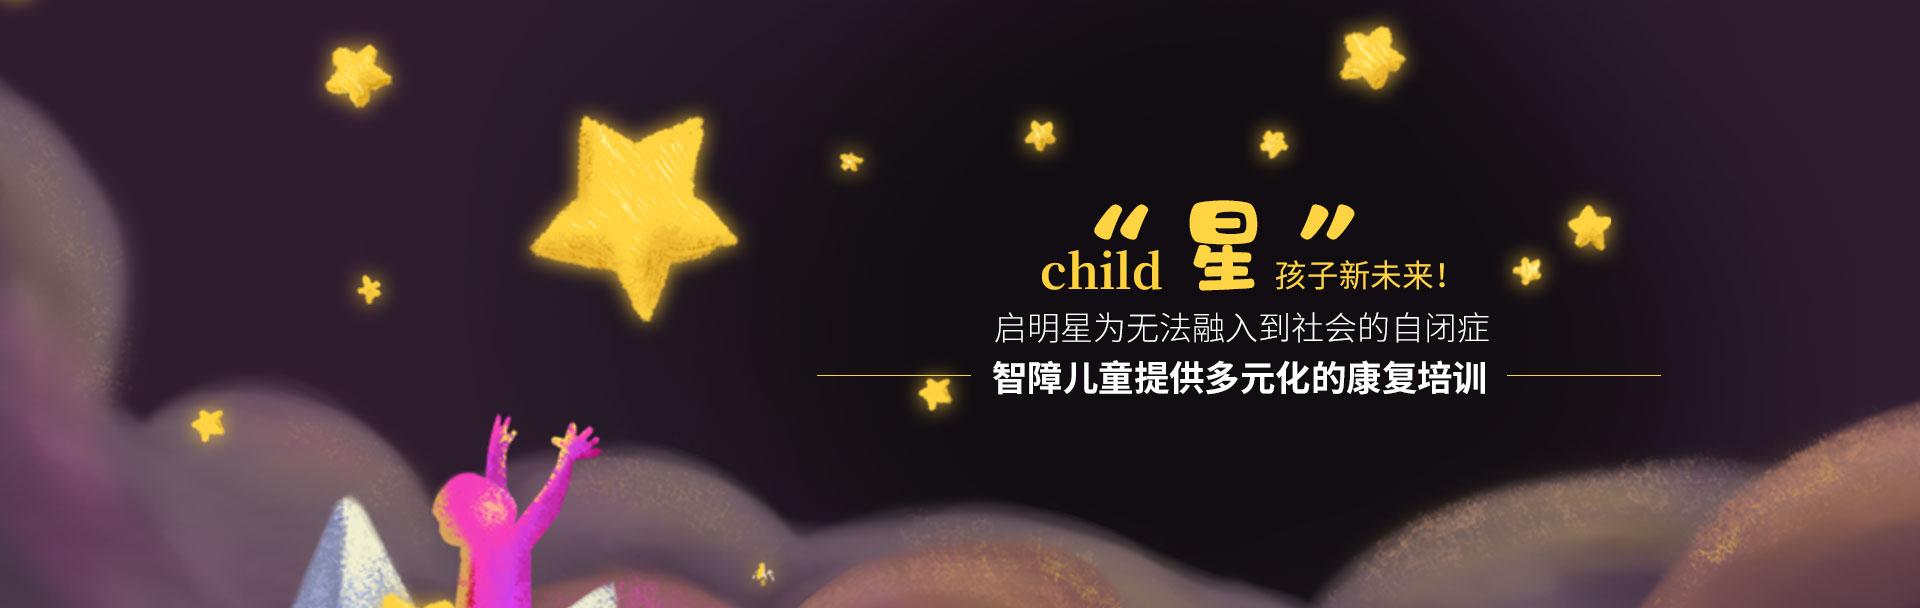 重庆自闭症儿童康复机构